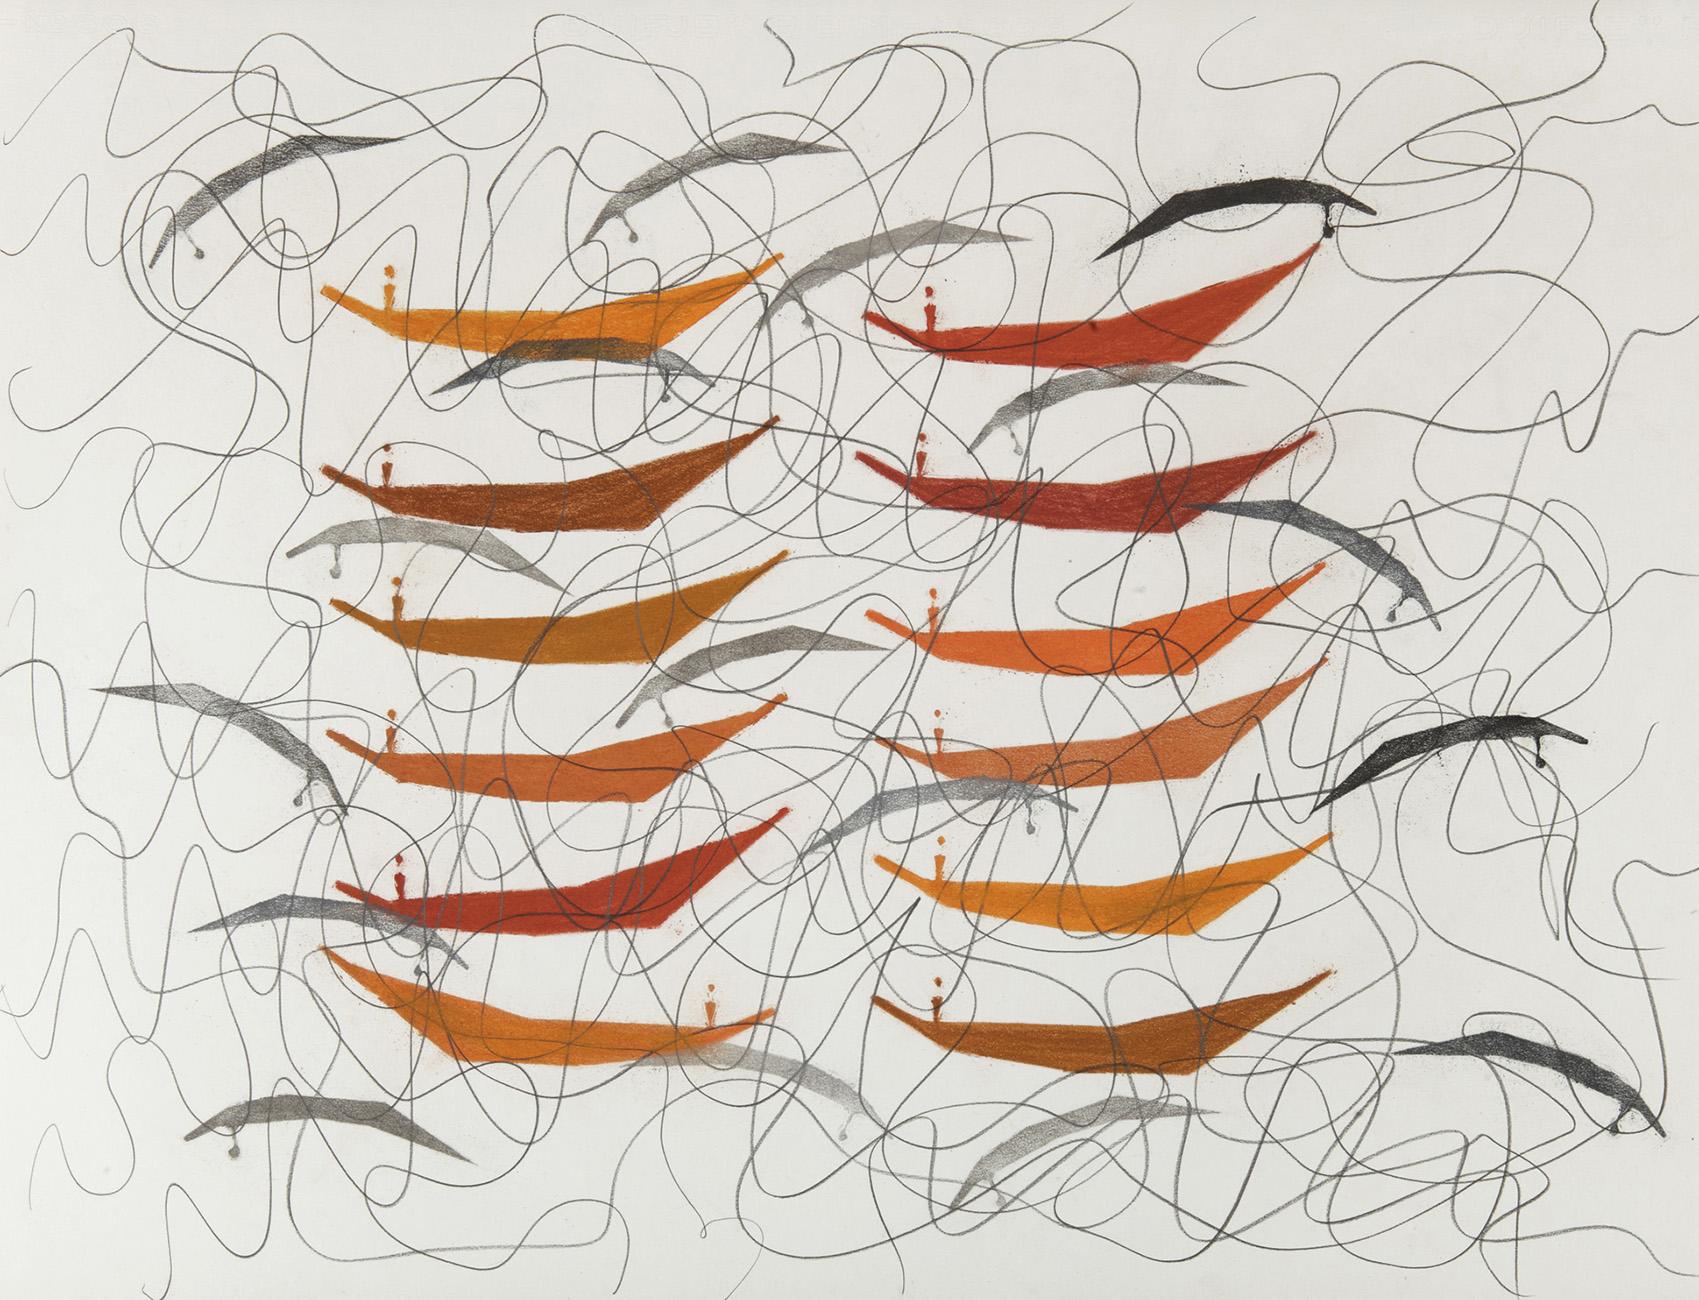 Geen titel 1 -  potlood & pastelkrijt  -  50x70 cm - €450